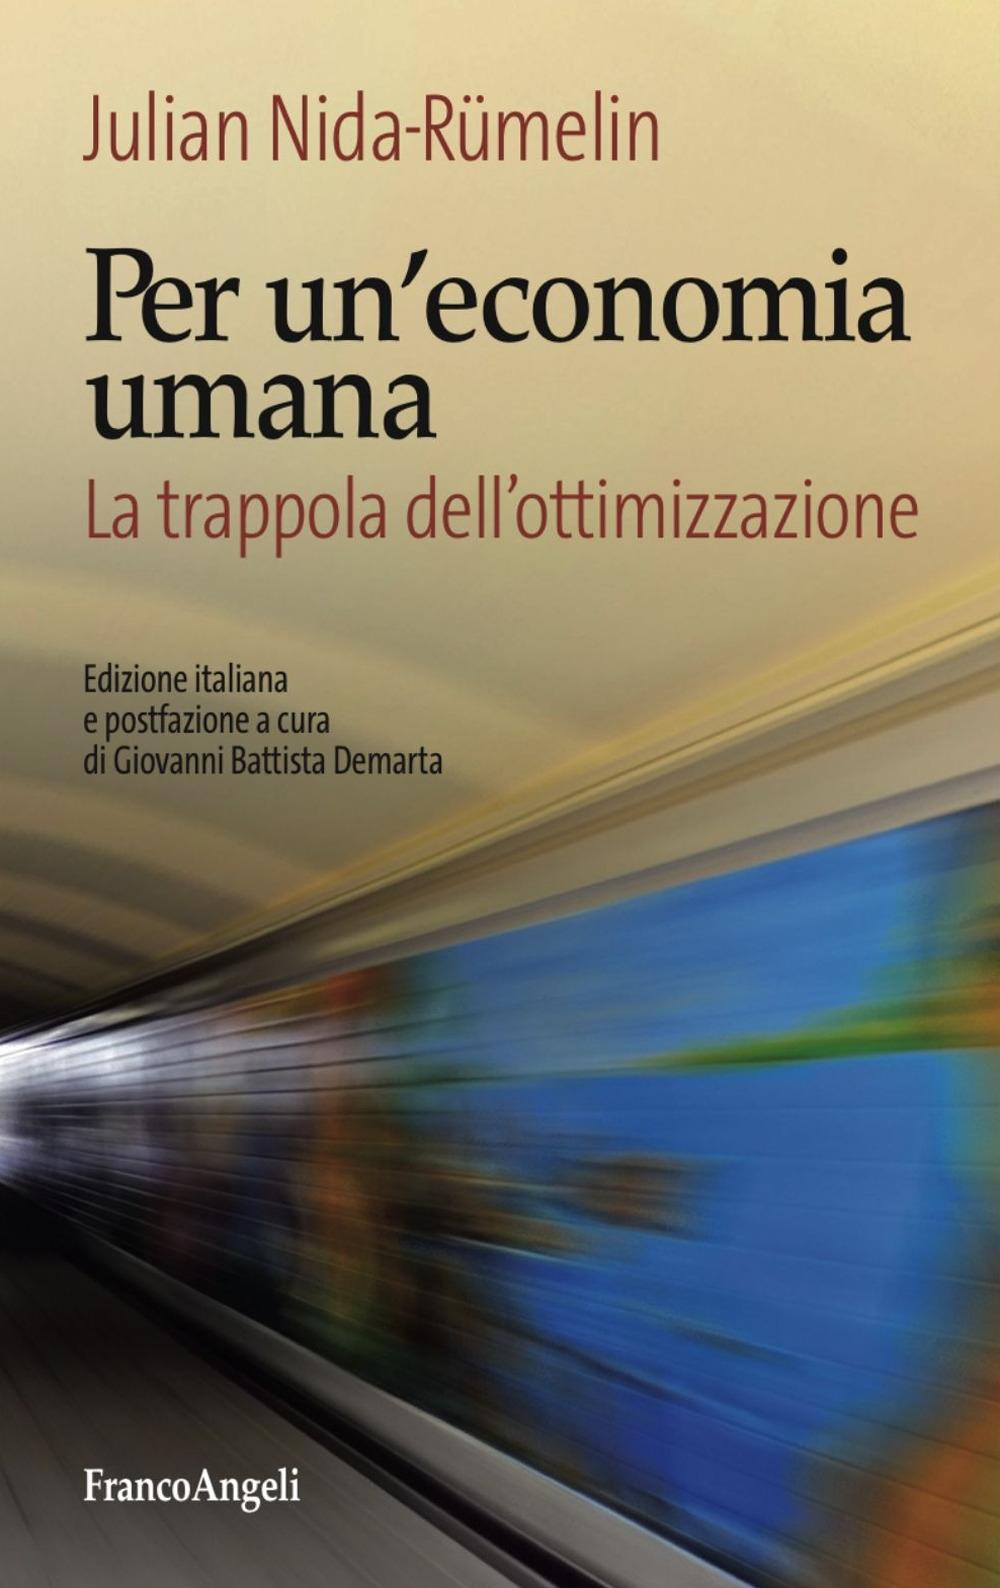 Per un'economia umana. La trappola dell'ottimizzazione